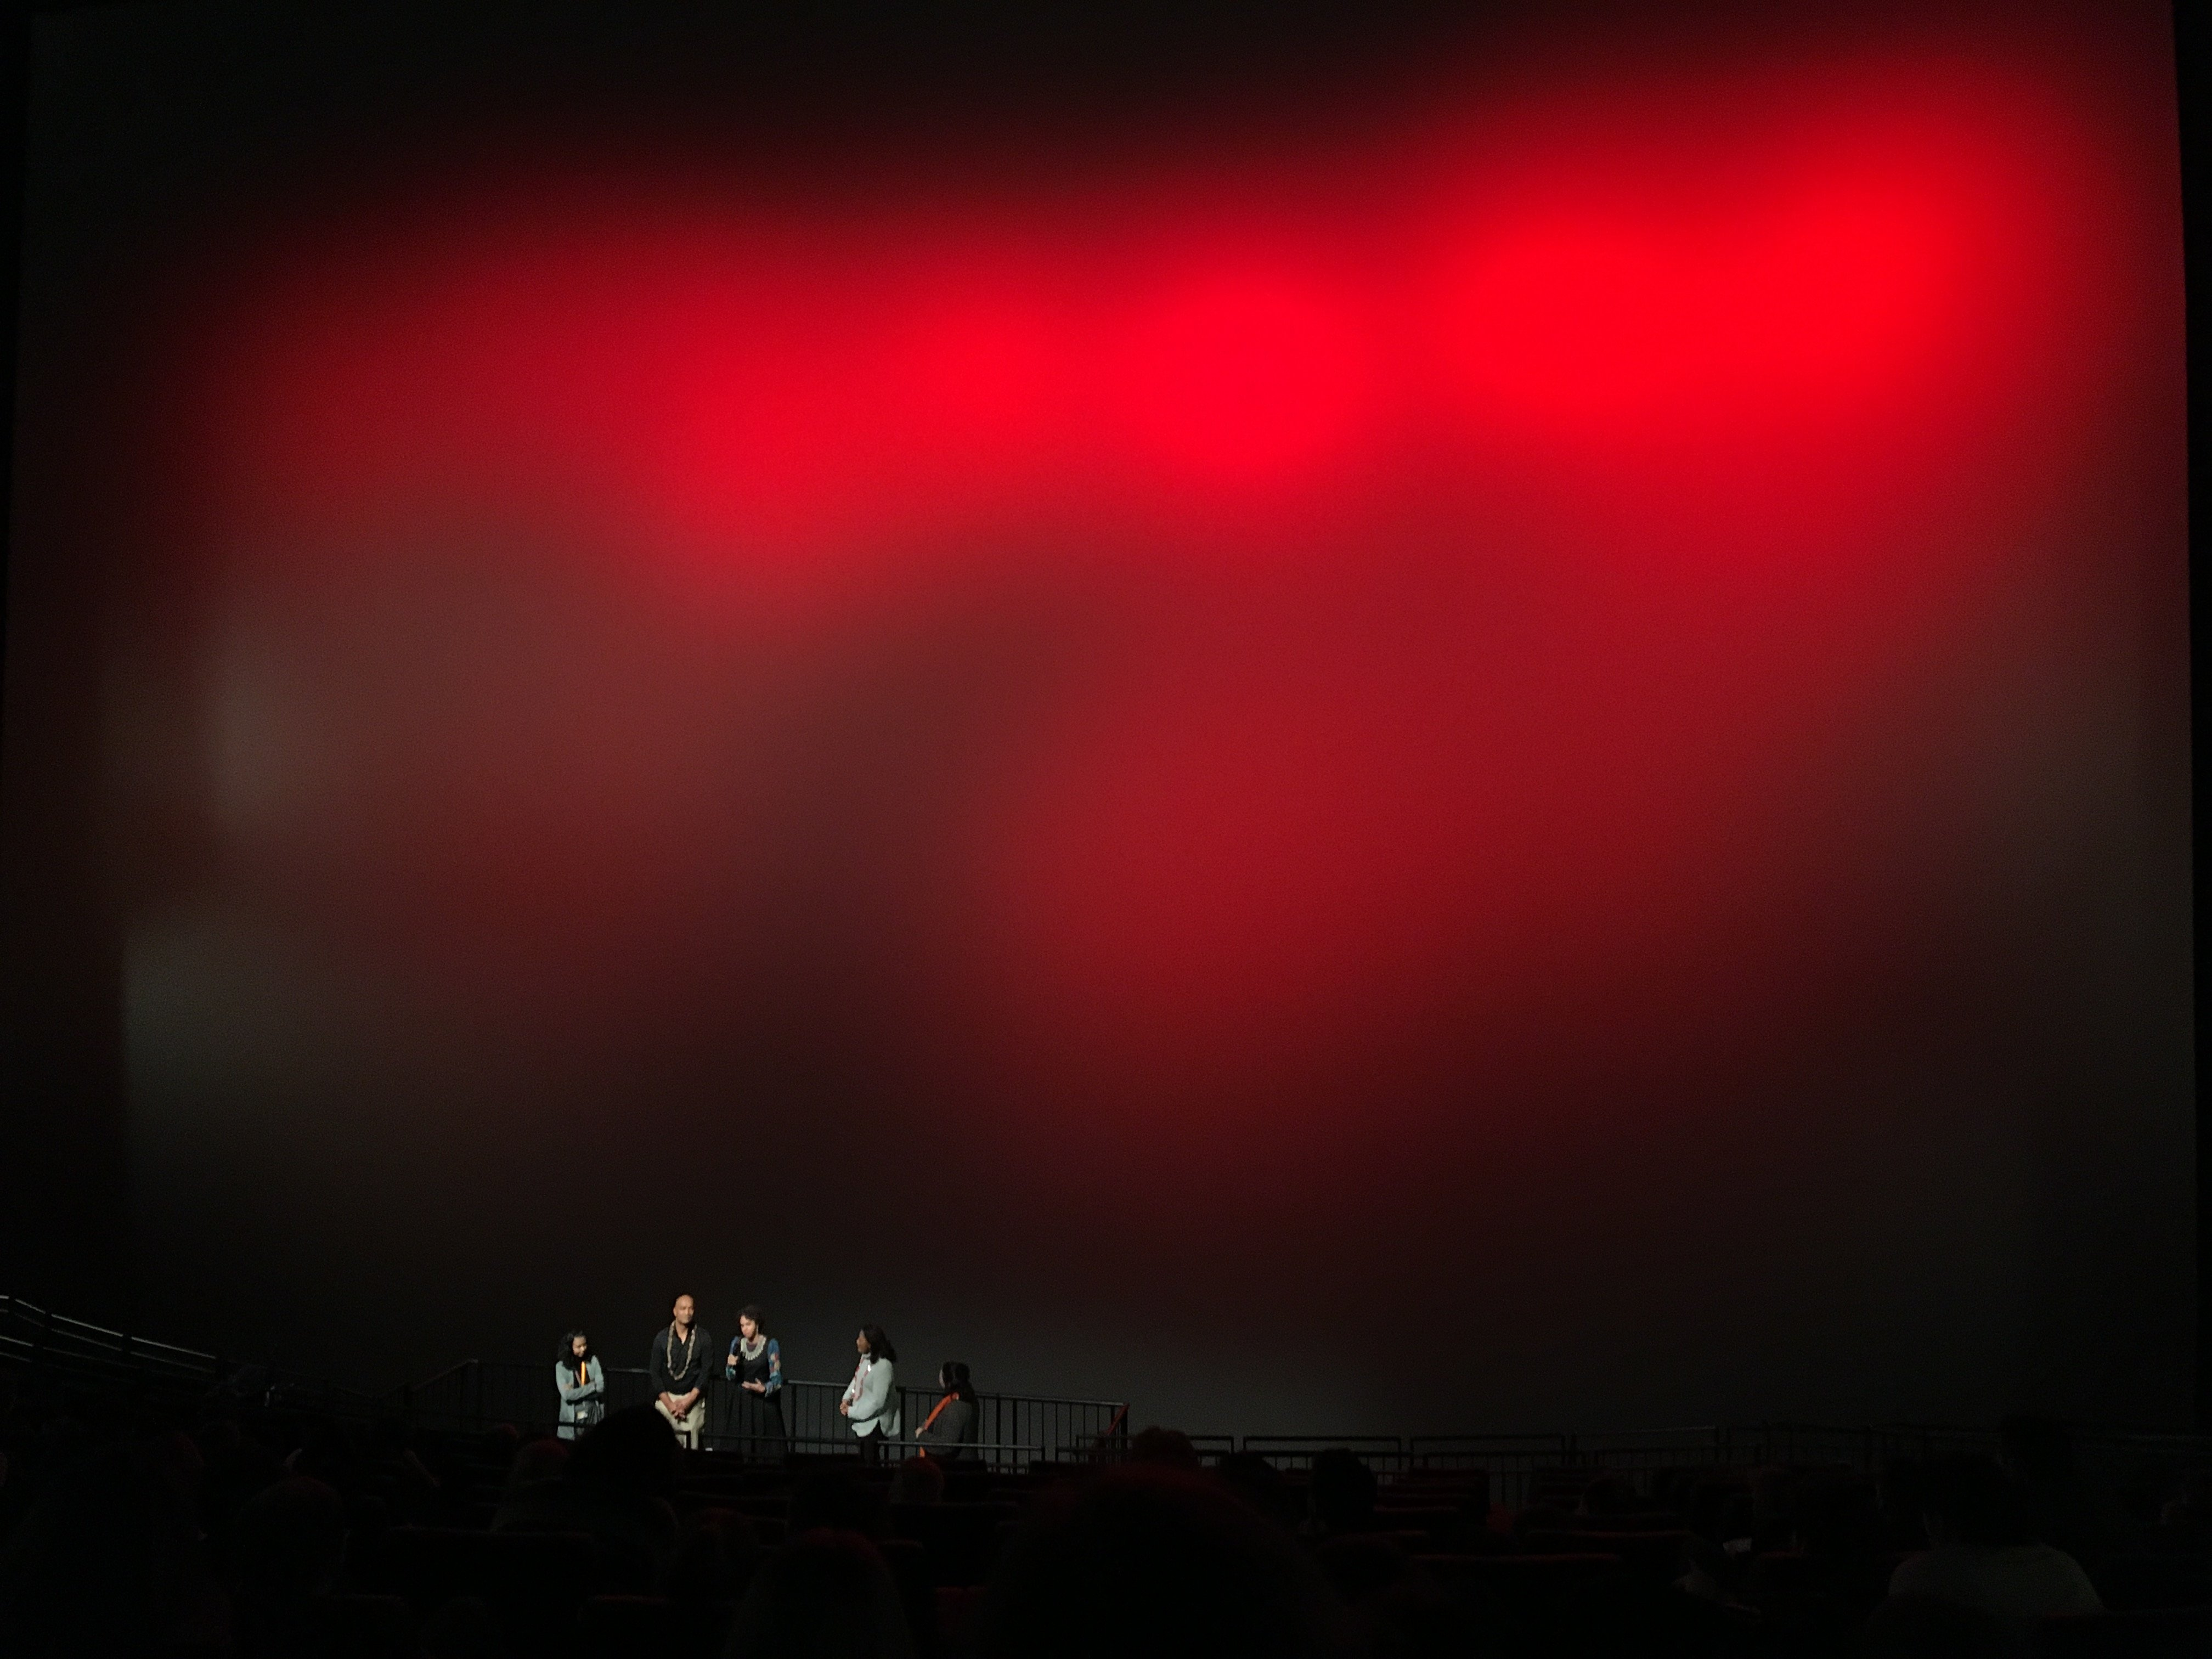 Leinwand des IMAX (Foto: Michael Brake)